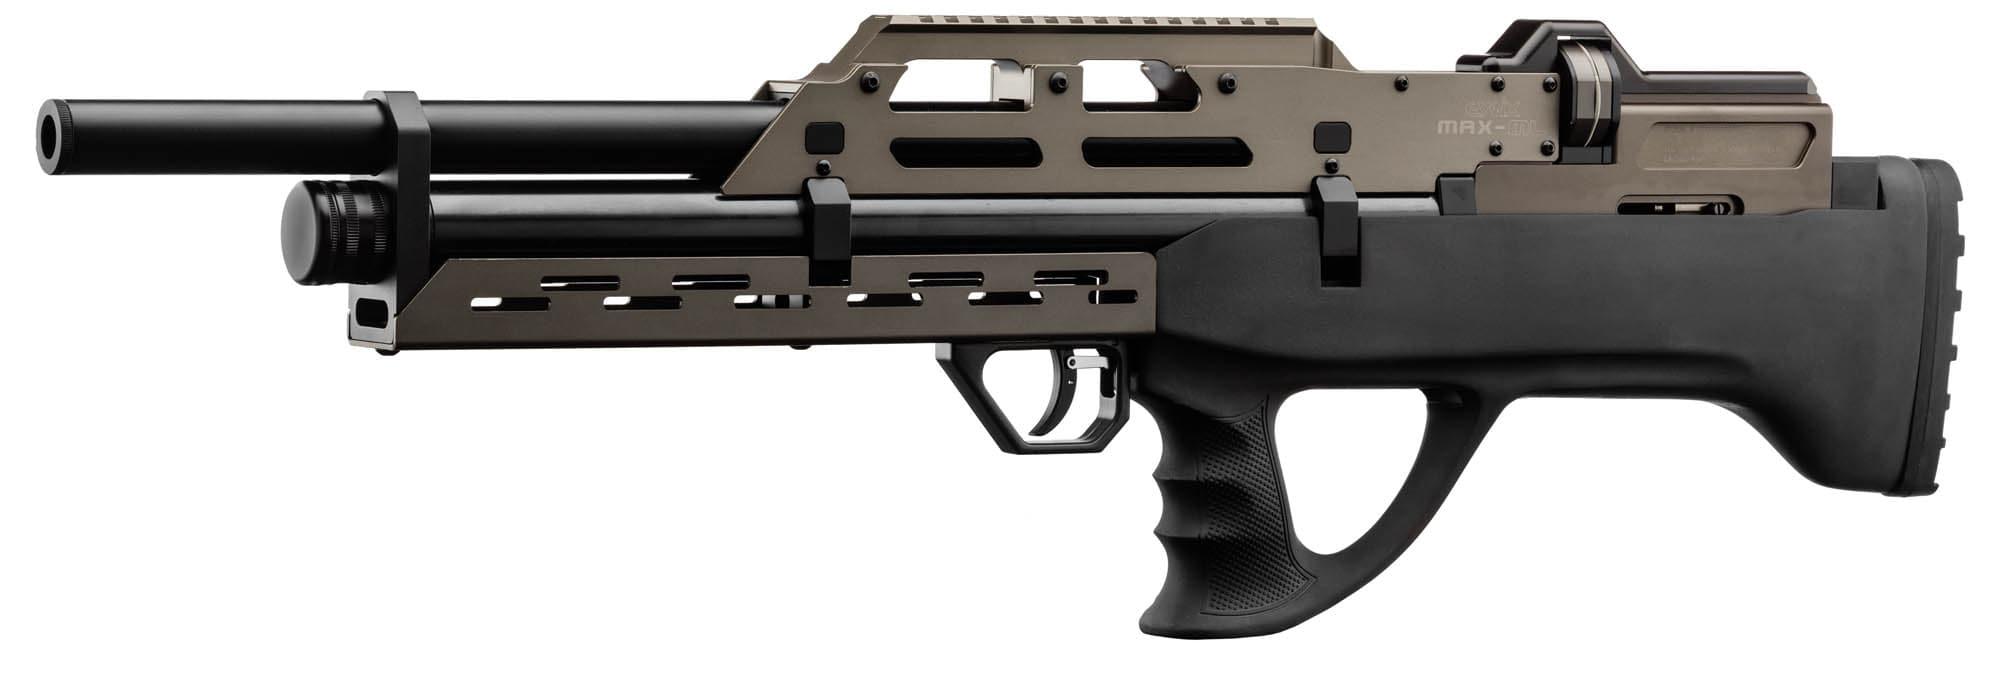 Evanix air rifle Max Cal  50 (12  7 mm) 250 joules